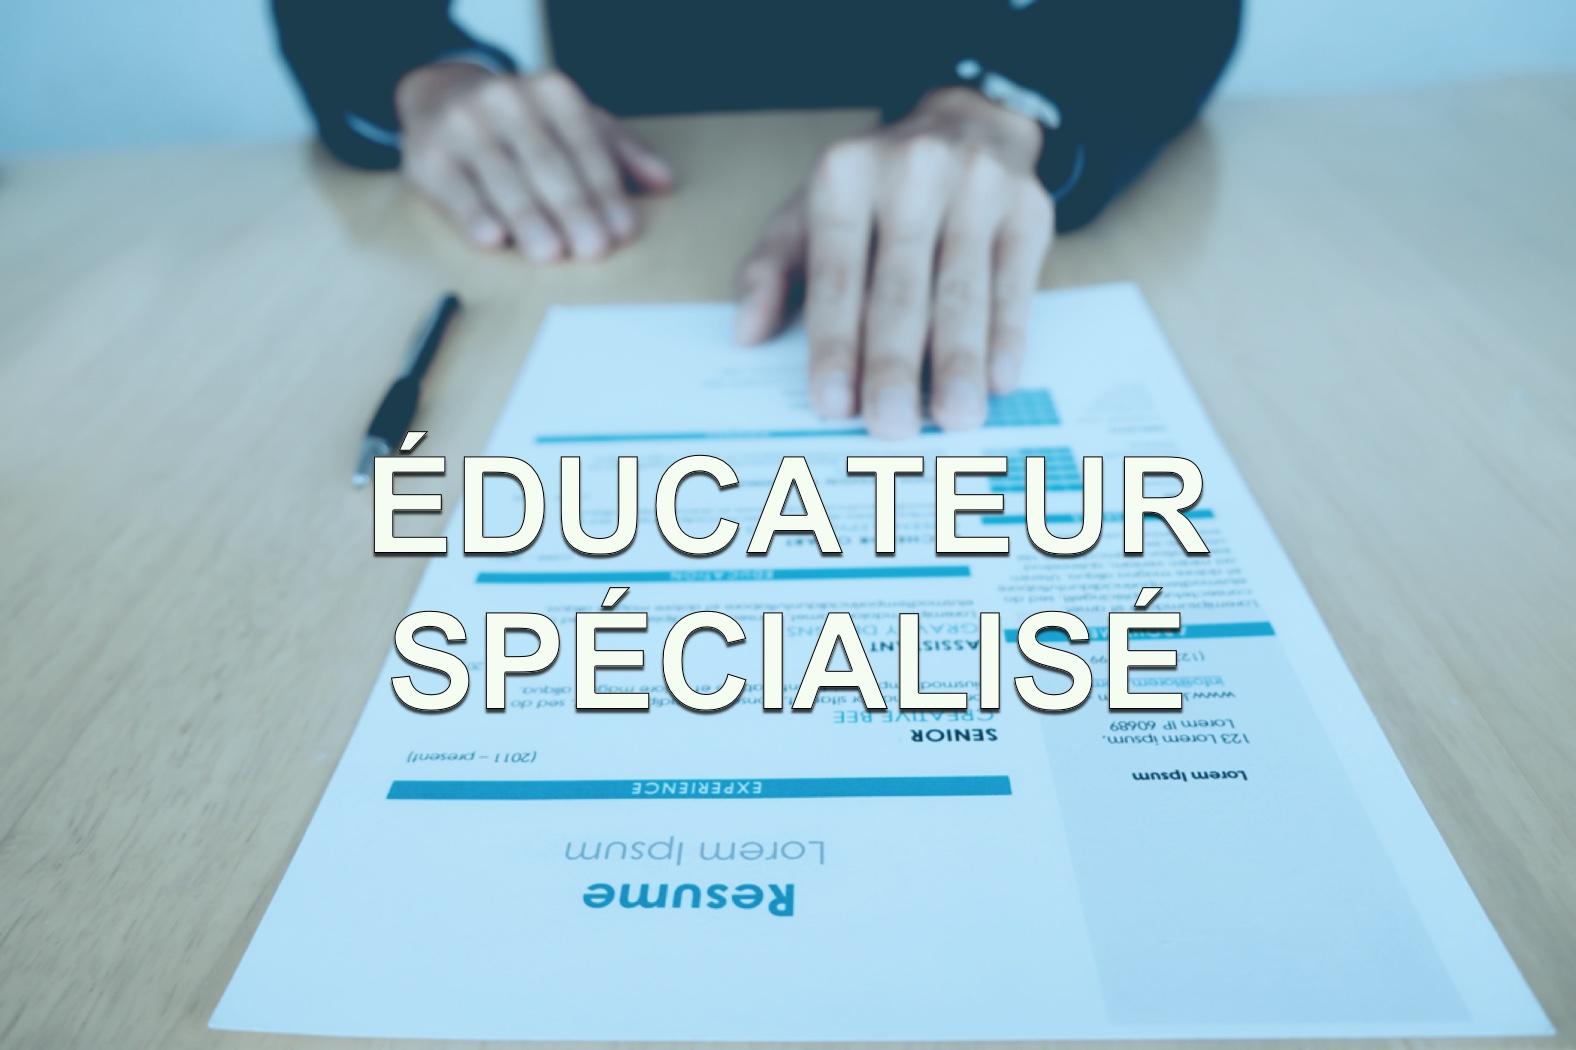 educateur specialisé offre d'emploi